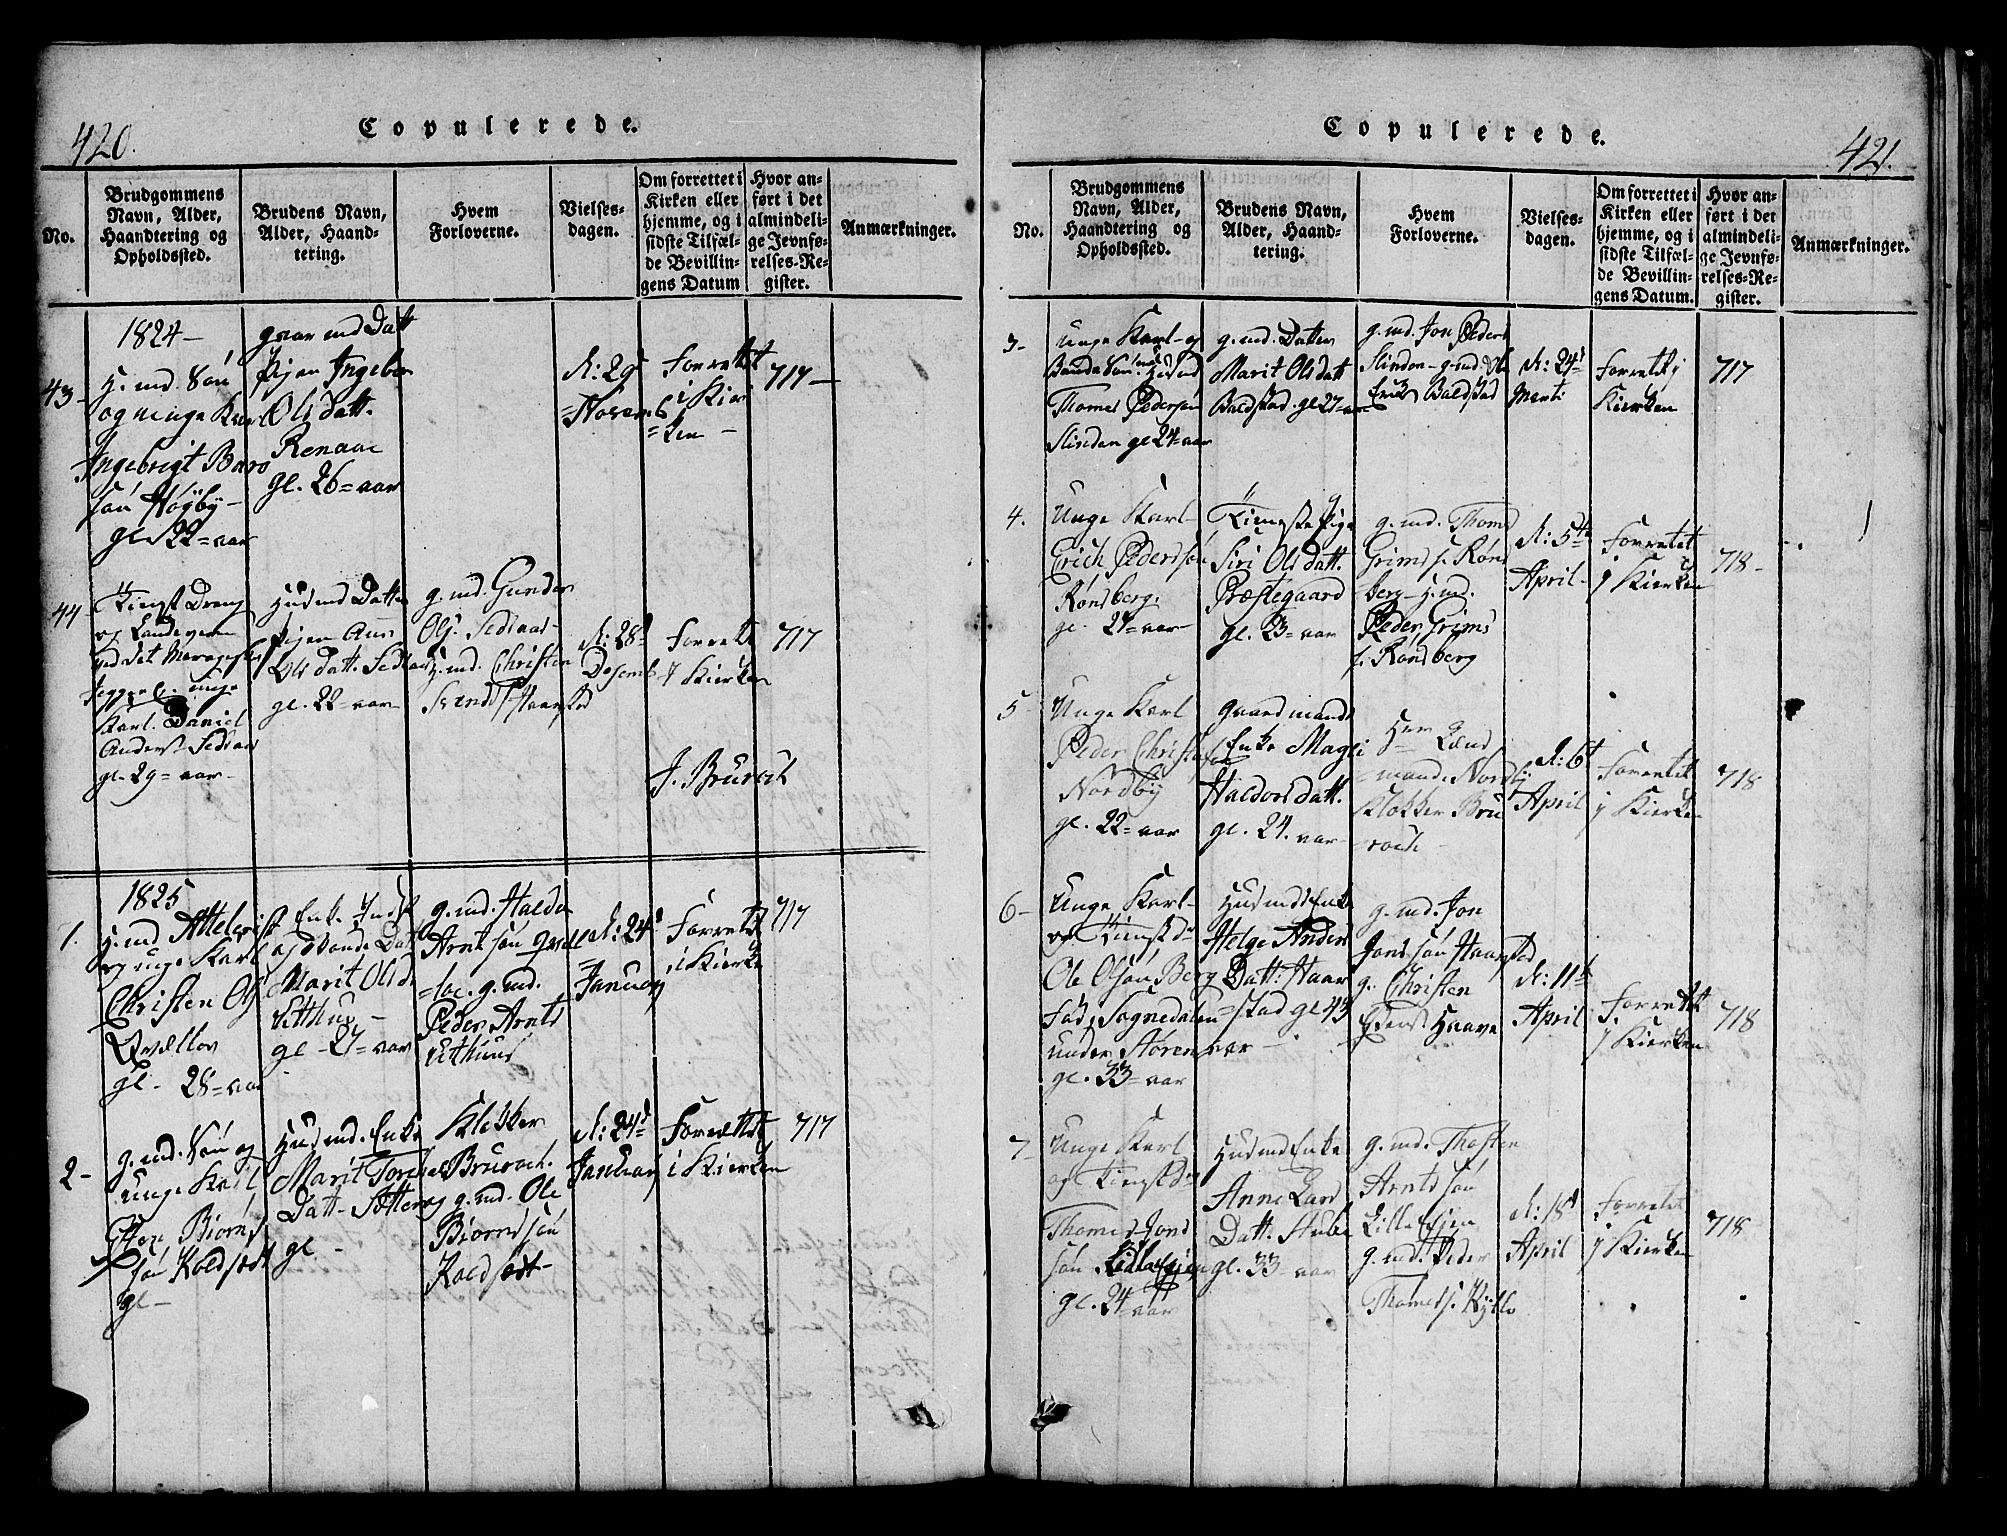 SAT, Ministerialprotokoller, klokkerbøker og fødselsregistre - Sør-Trøndelag, 695/L1152: Klokkerbok nr. 695C03, 1816-1831, s. 420-421